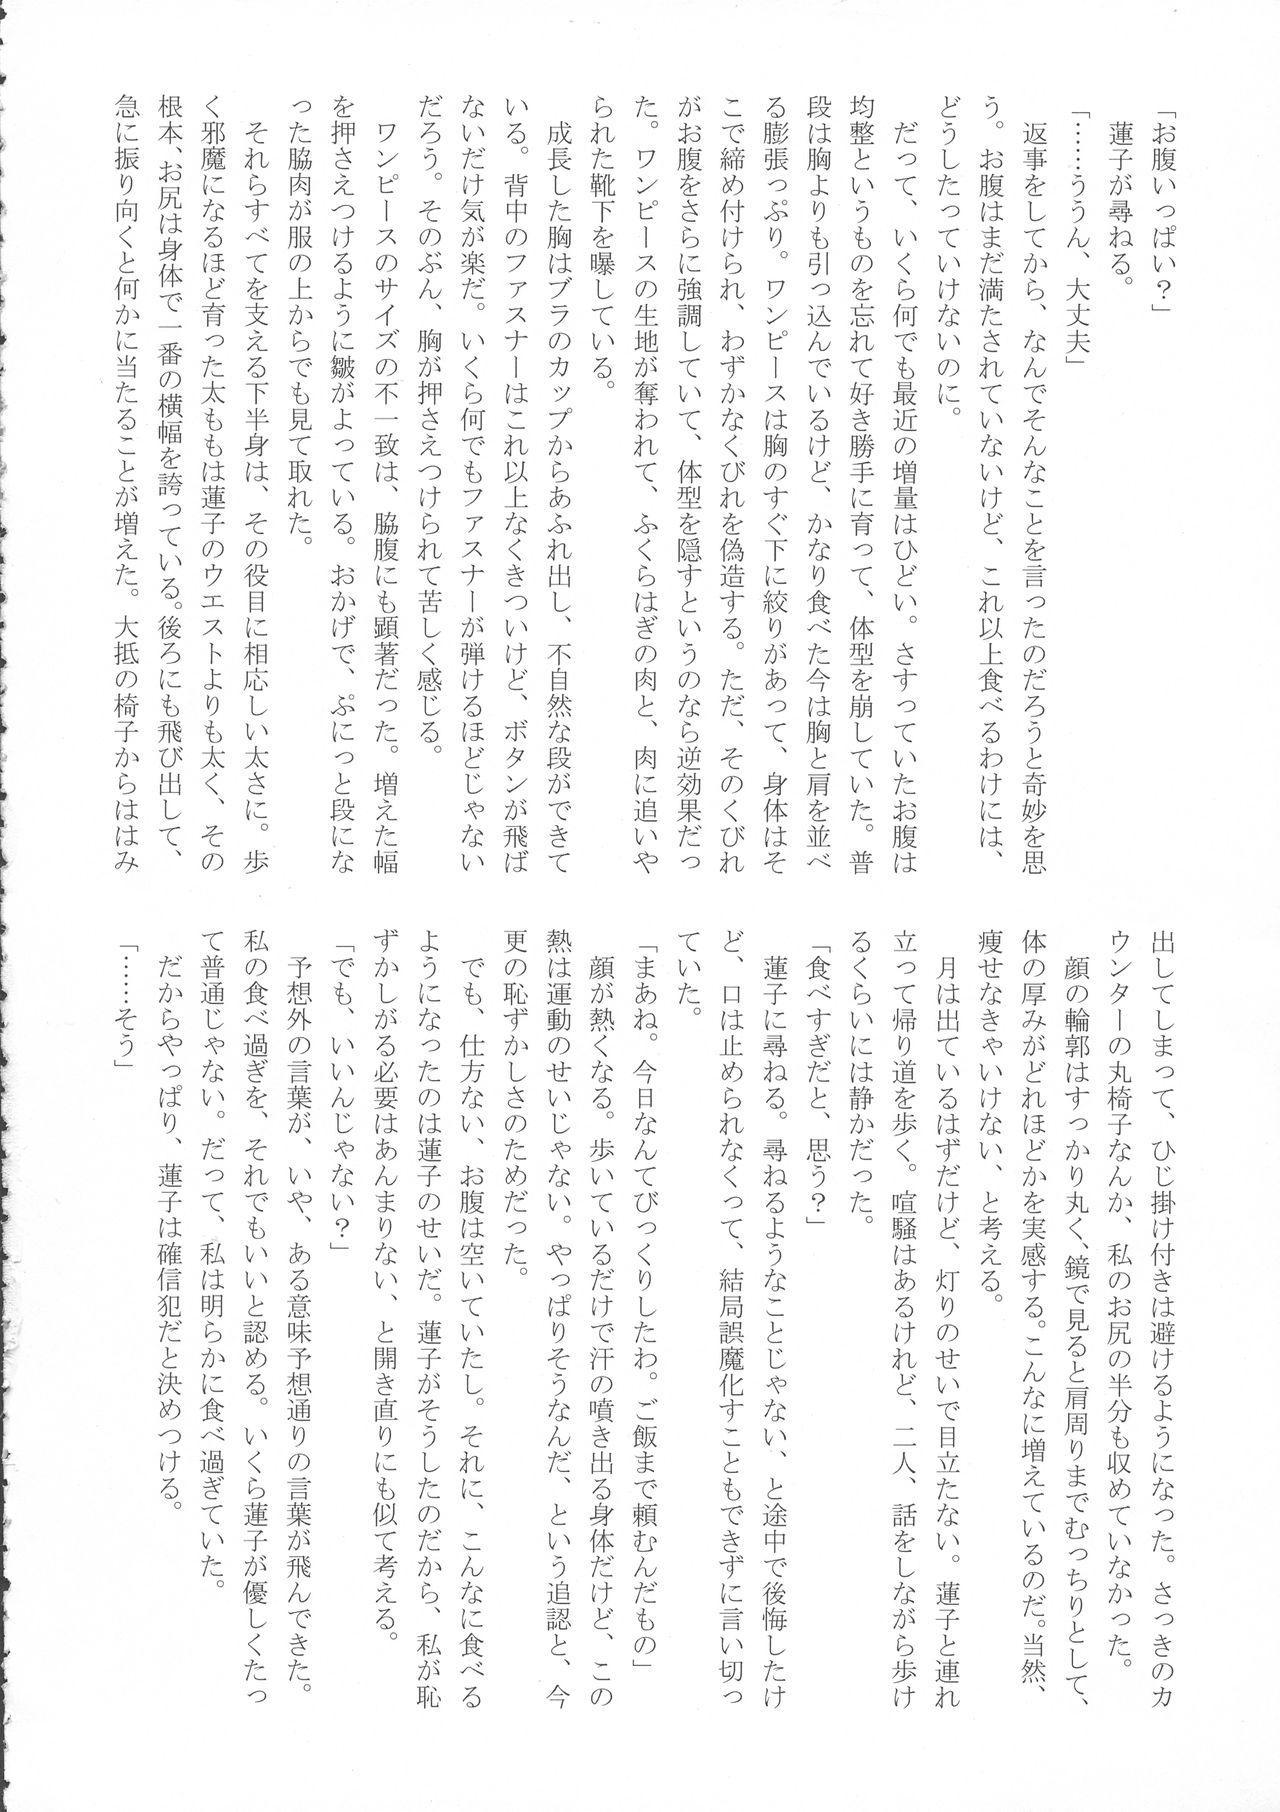 (Reitaisai 15) [HORIC WORKS (Various)] Touhou Bouchou-kei Sougou Goudou-shi `Boujo 2!!!!!!!!' (Touhou Project) 72